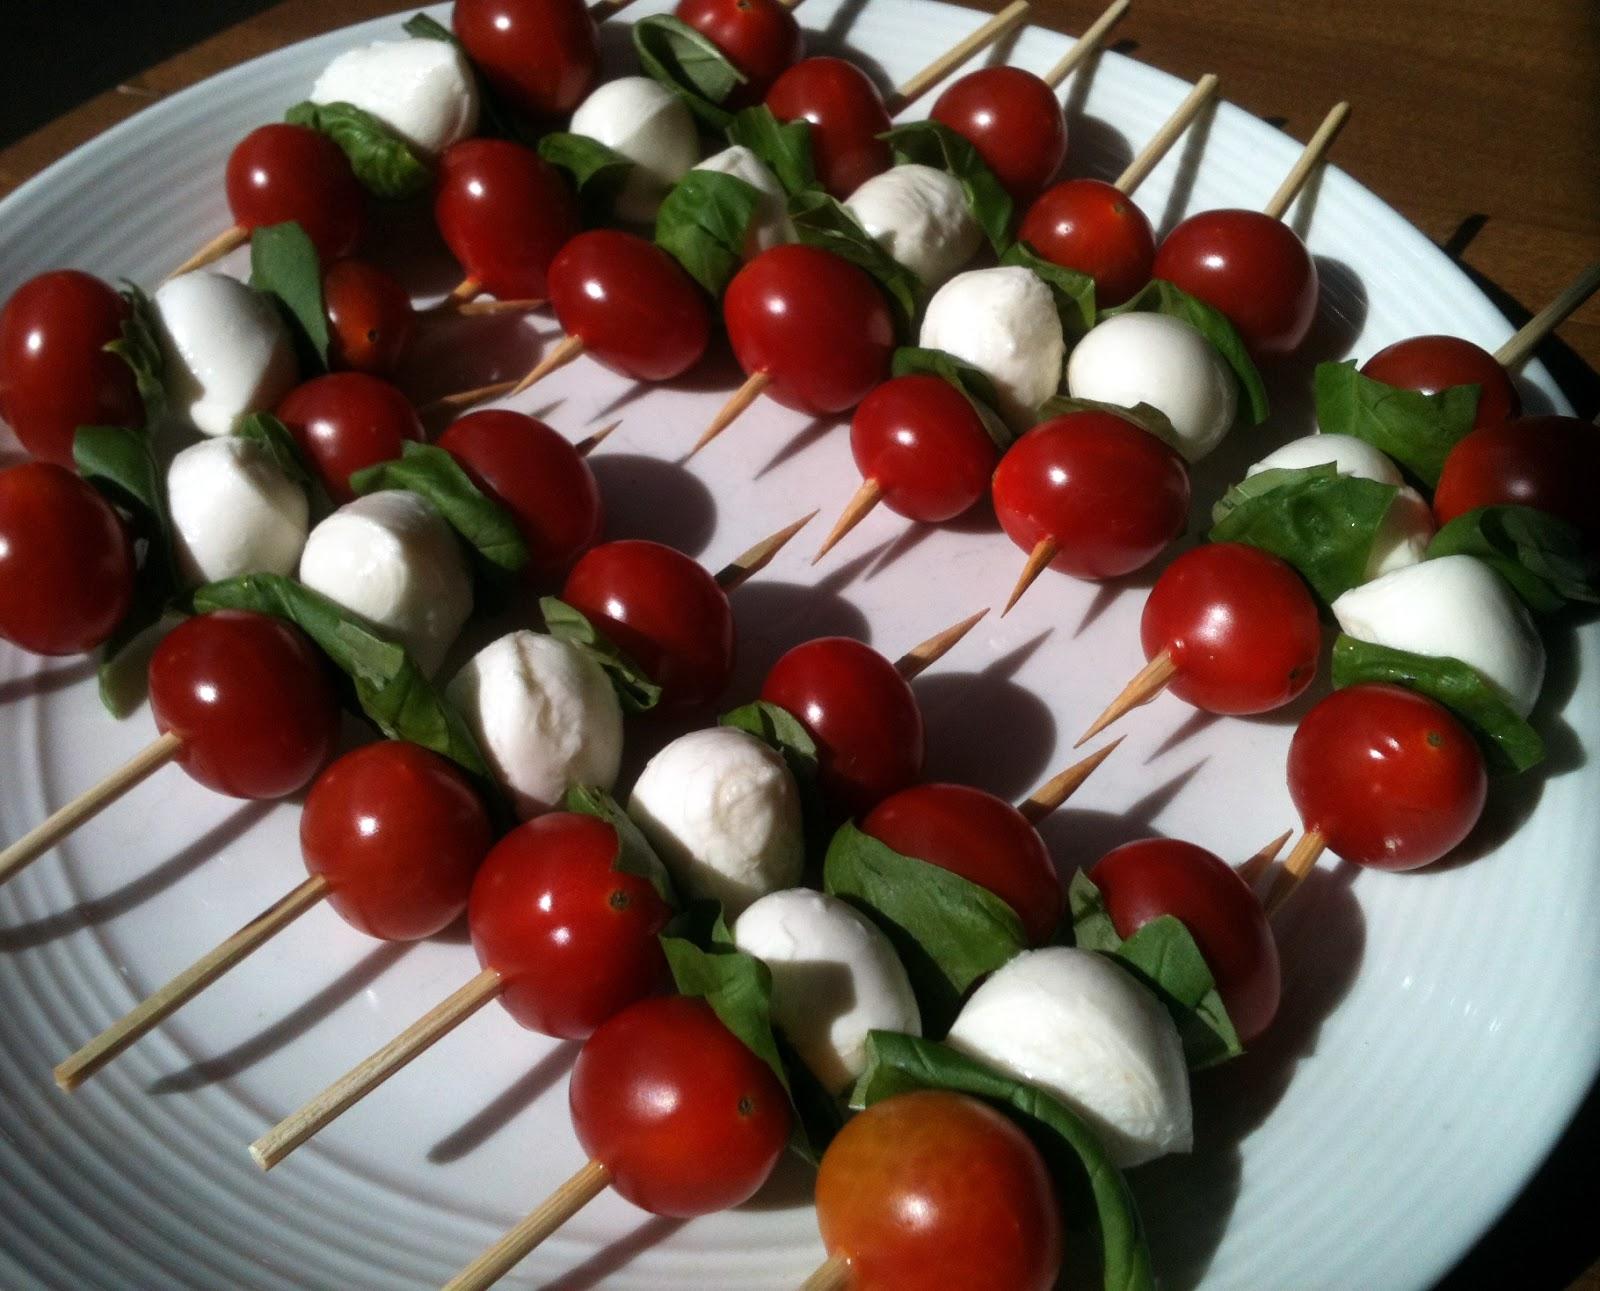 Mozzarella Basil And Tomato Skewers Recipes — Dishmaps